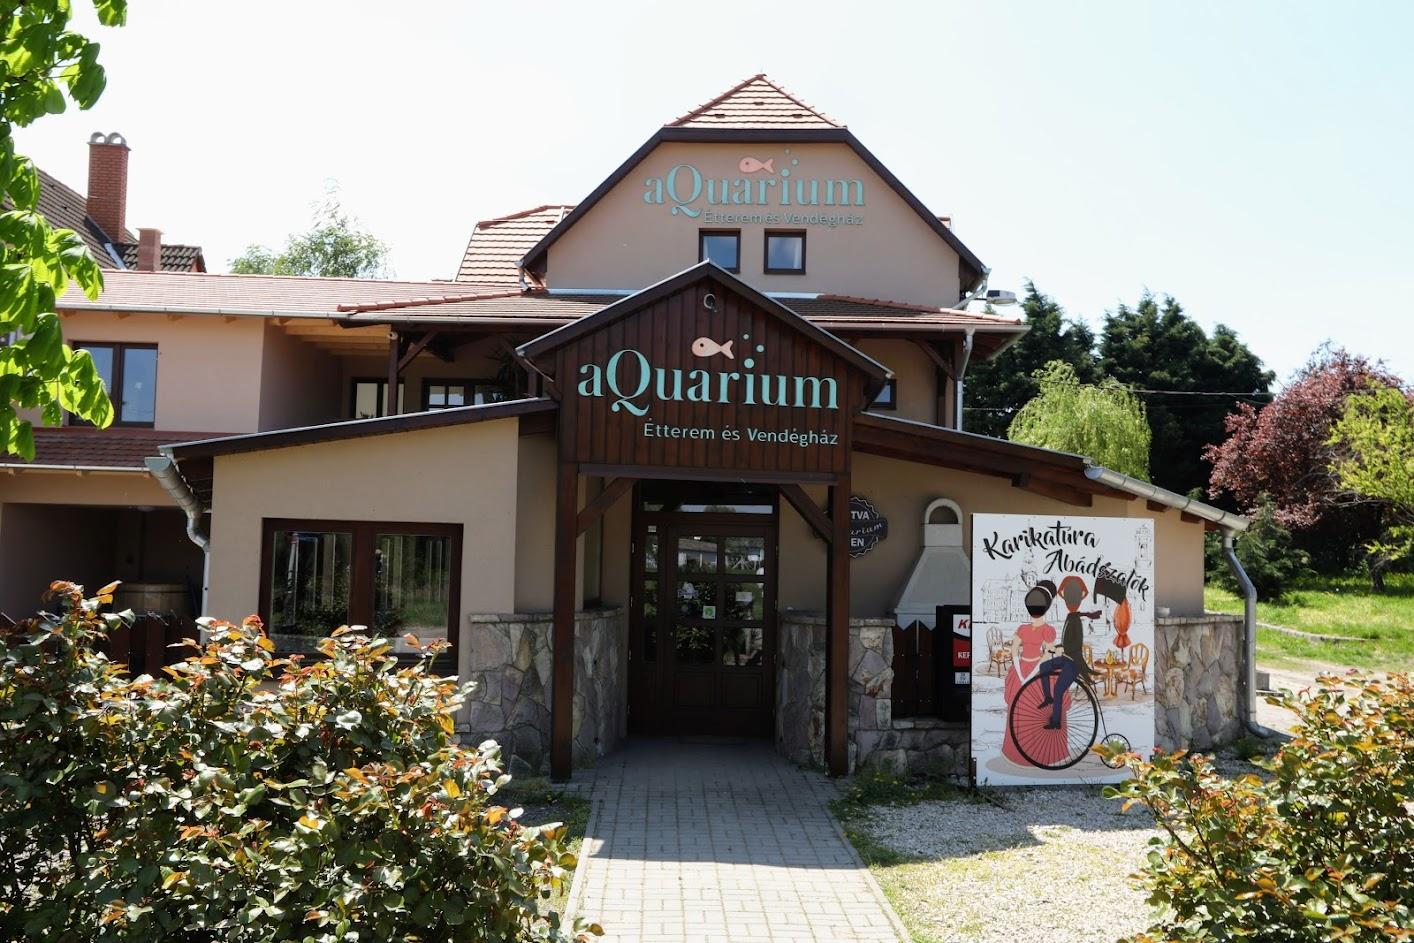 aQuarium panzió és étterem Abádszalók